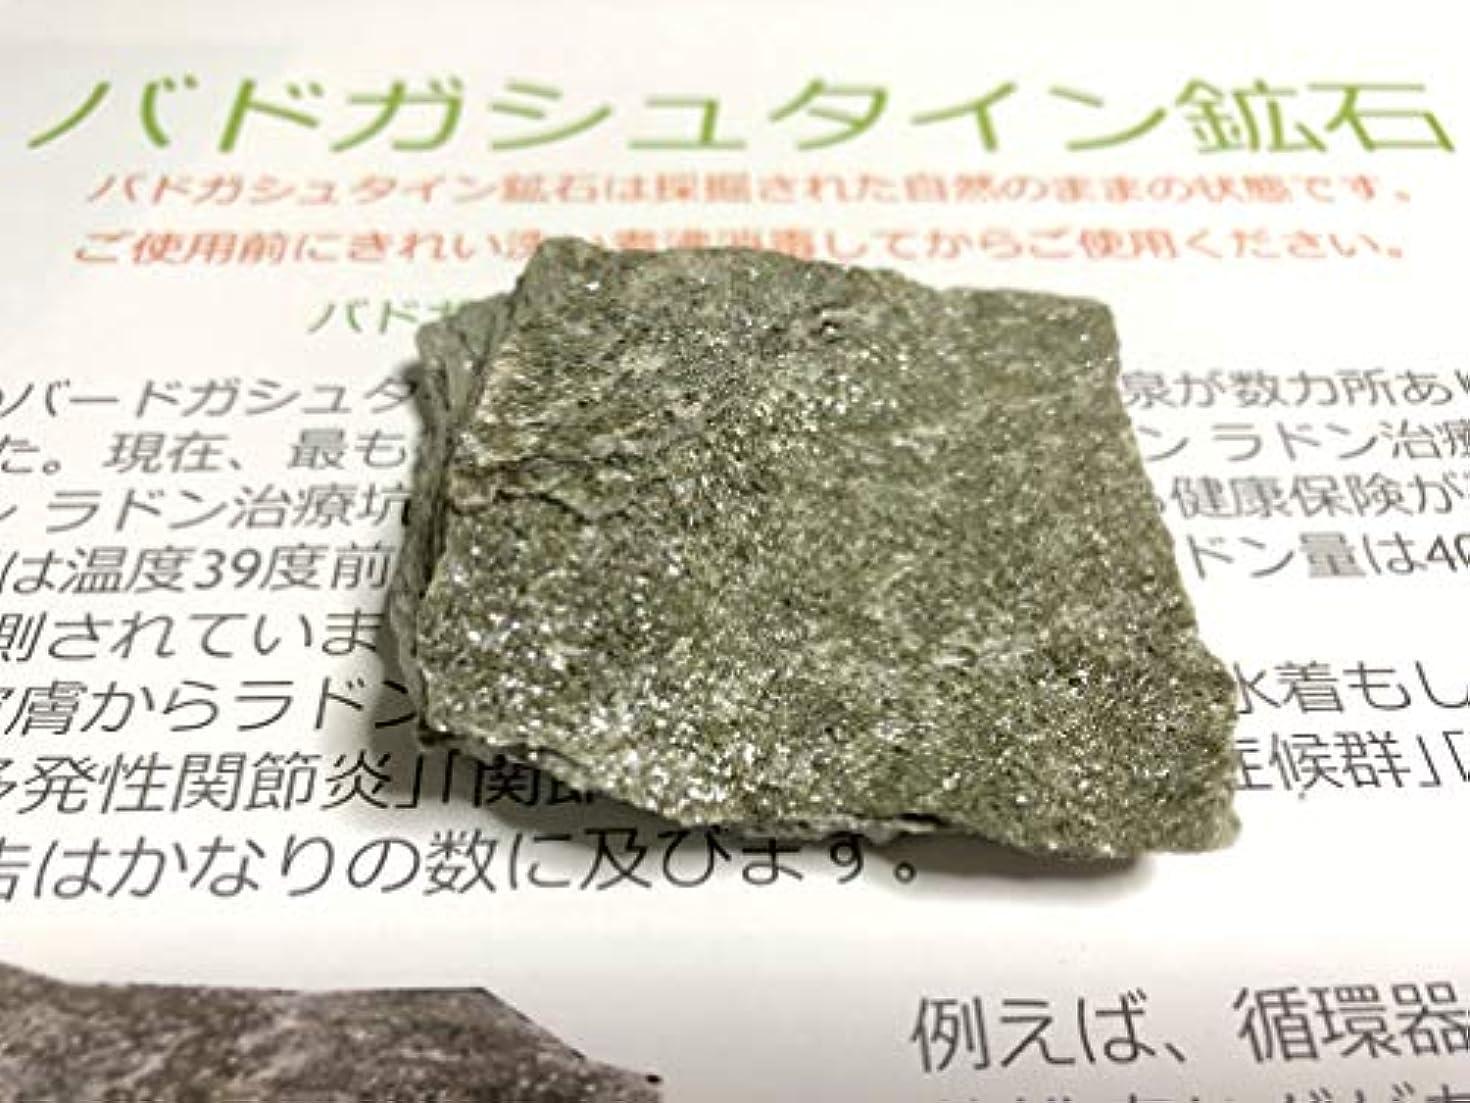 歩き回る試用感じるバドガシュタイン鉱石 クラス2 約0.4~1μSV/h未満 (約1kg詰め)